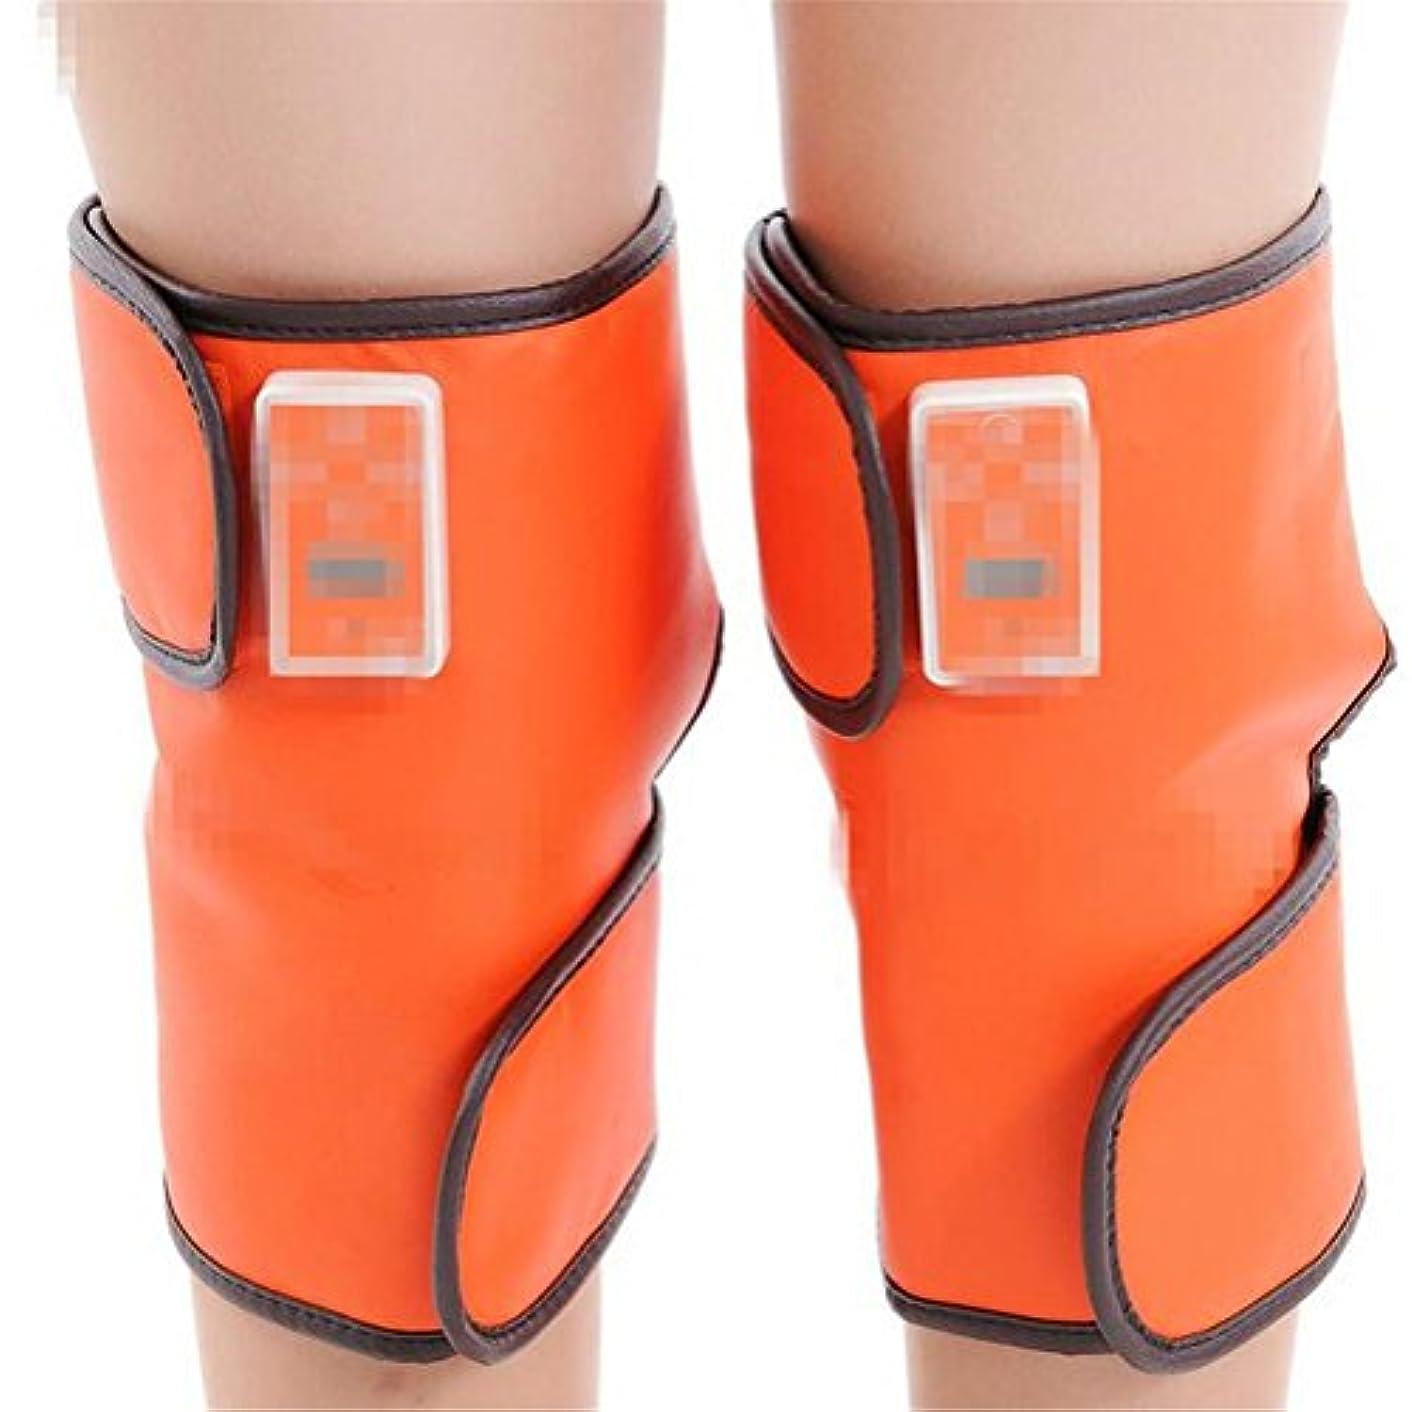 塊飛躍ヒールエレジーンス-Z電気膝パッド遠赤外線老膝膝パッド健康療法救済装置クリスマスハイエンドギフト